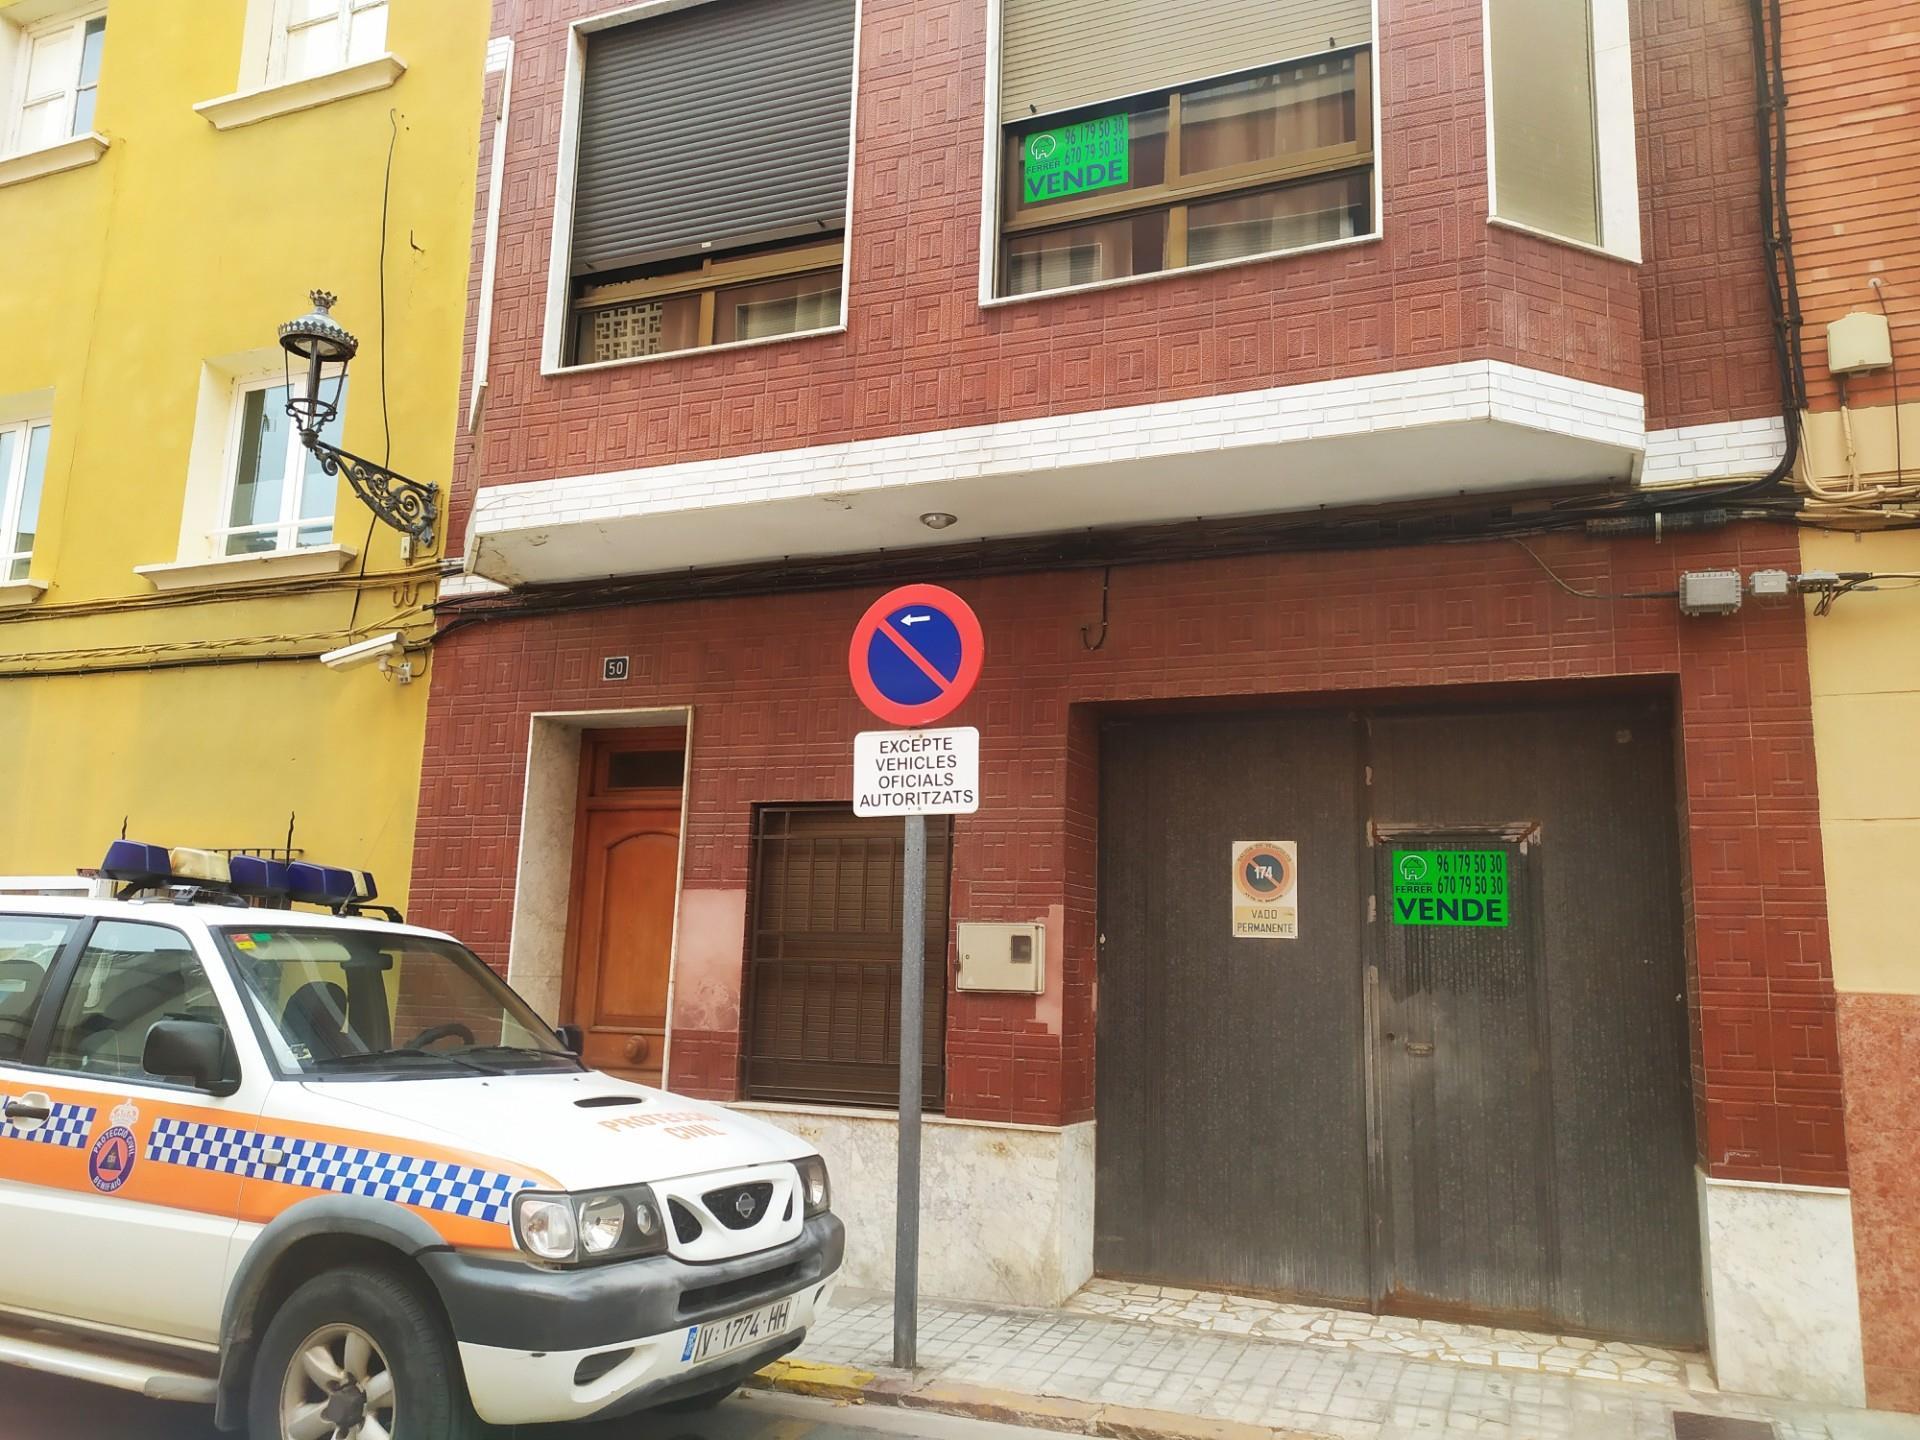 Reihenhaus  Calle nueva. Benifaió / calle nueva